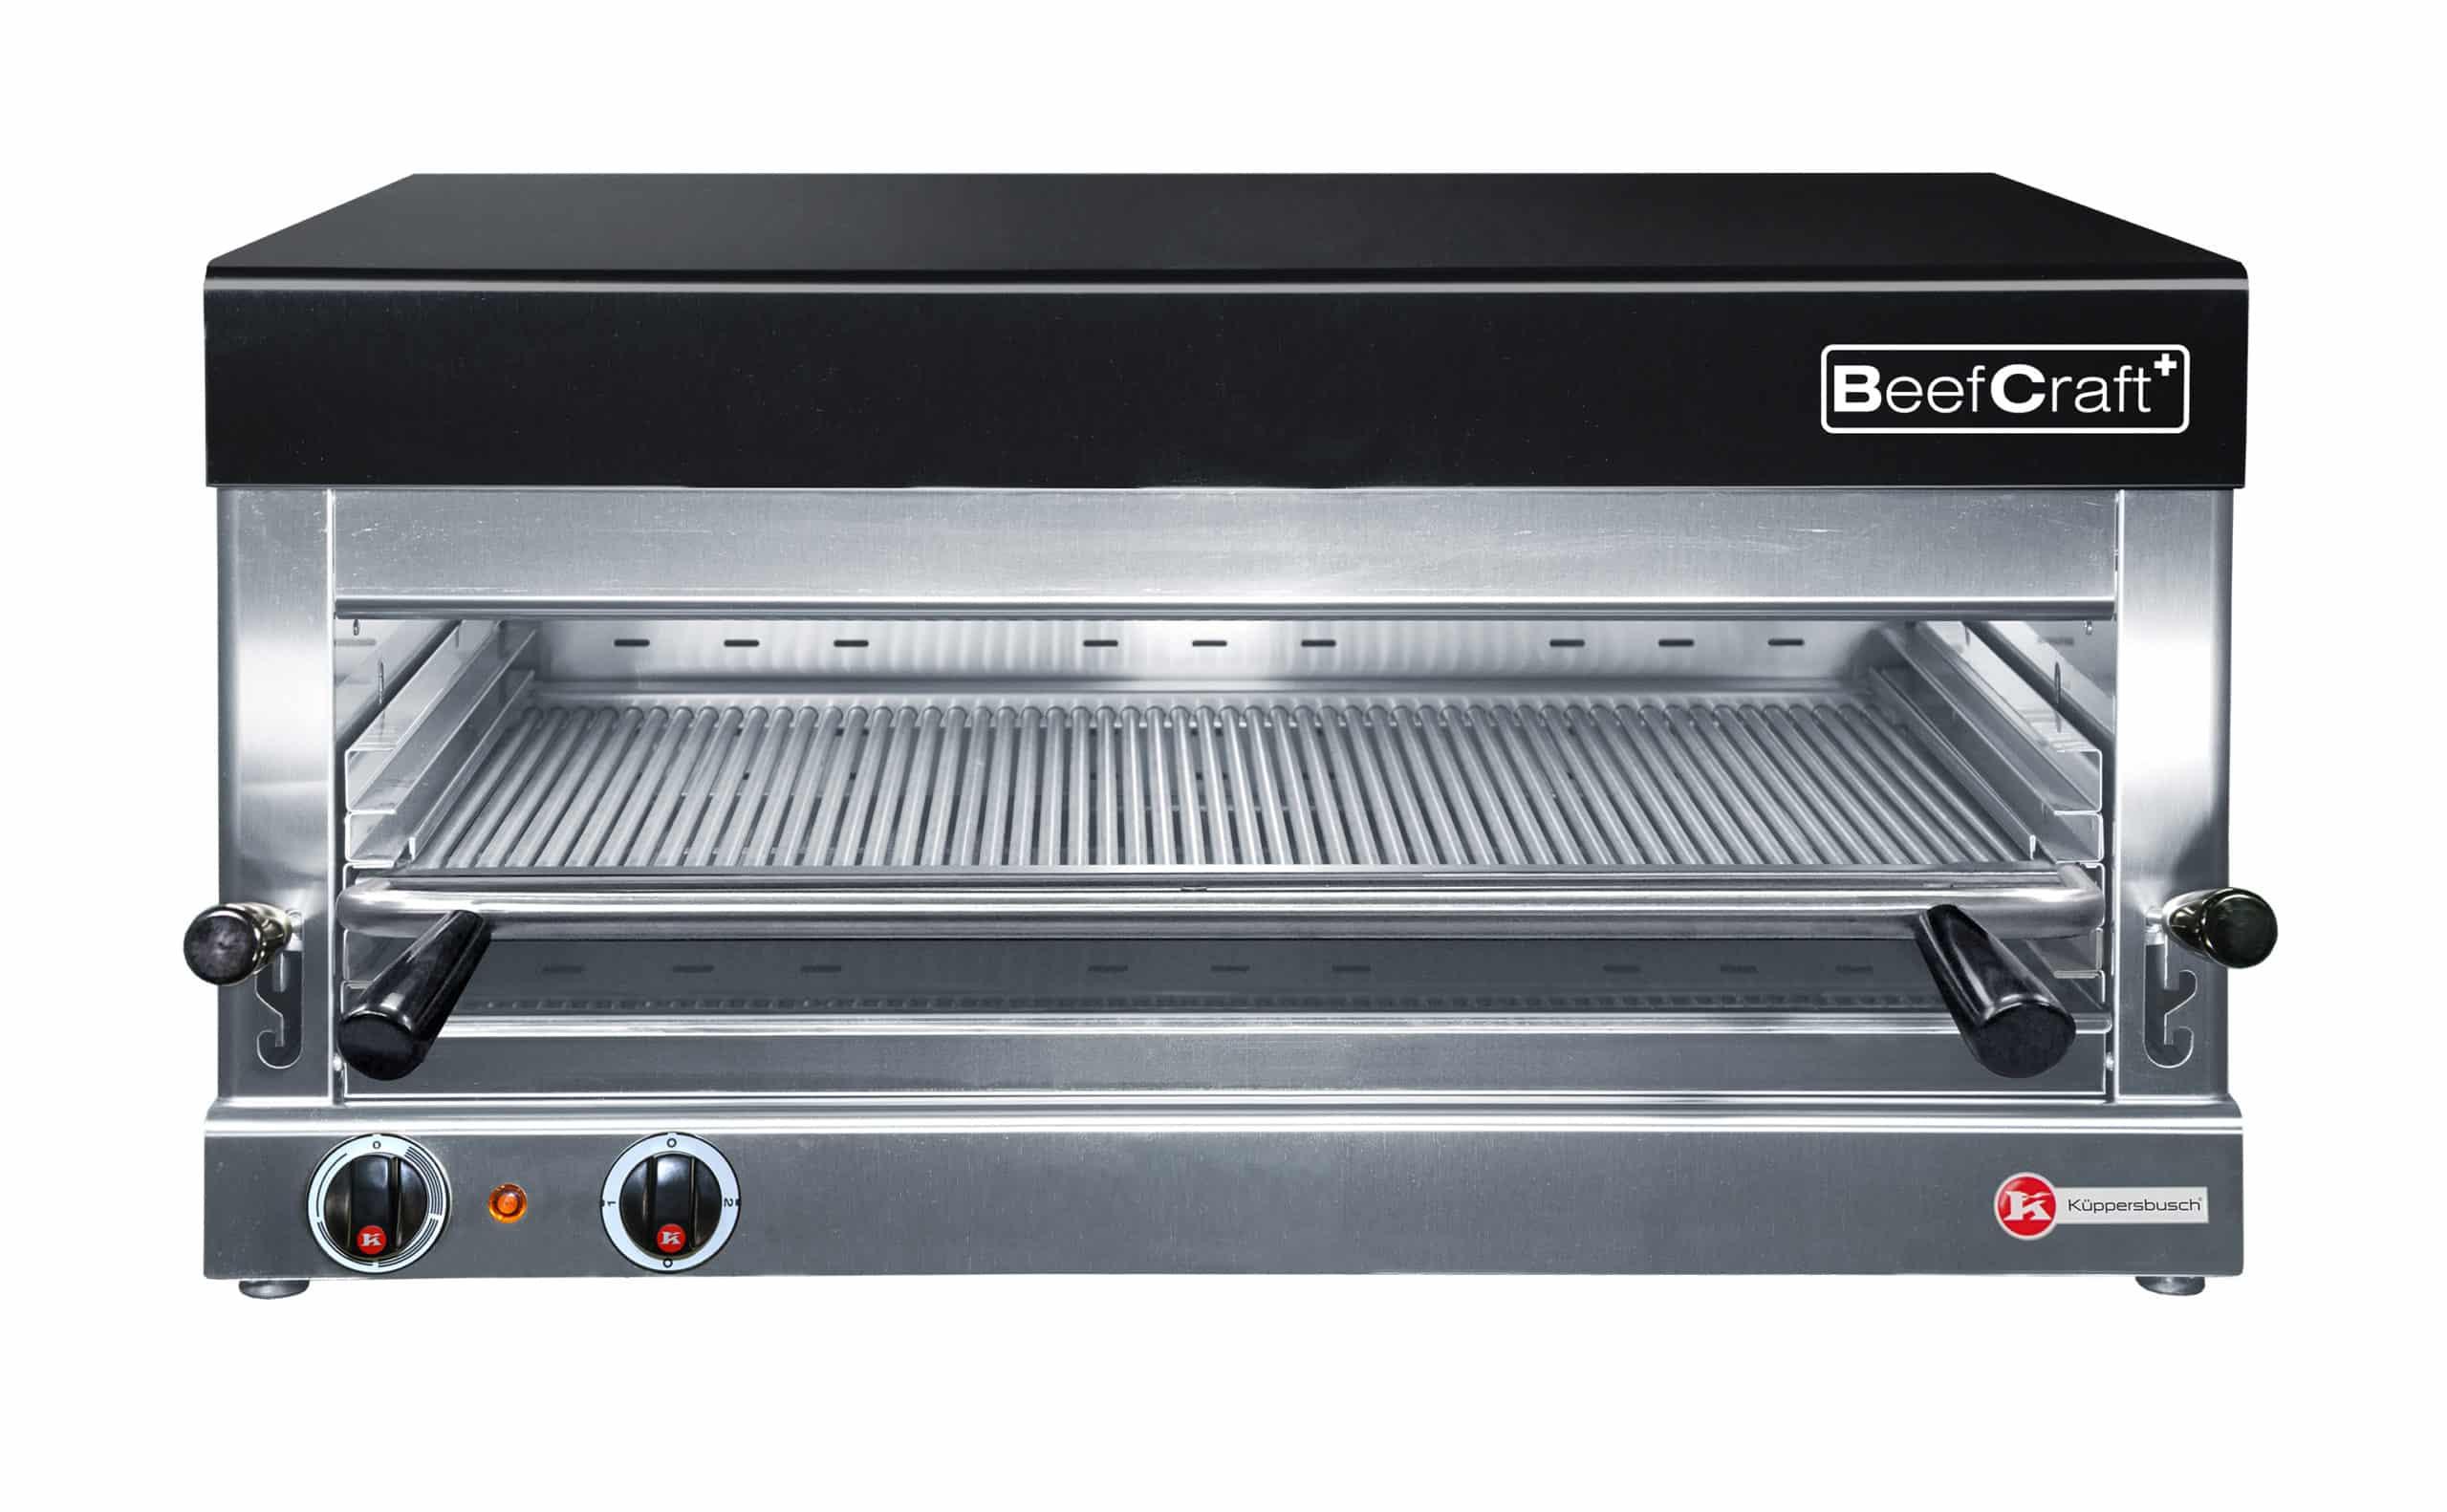 BeefCraft: 800 °C für das perfekte Steak